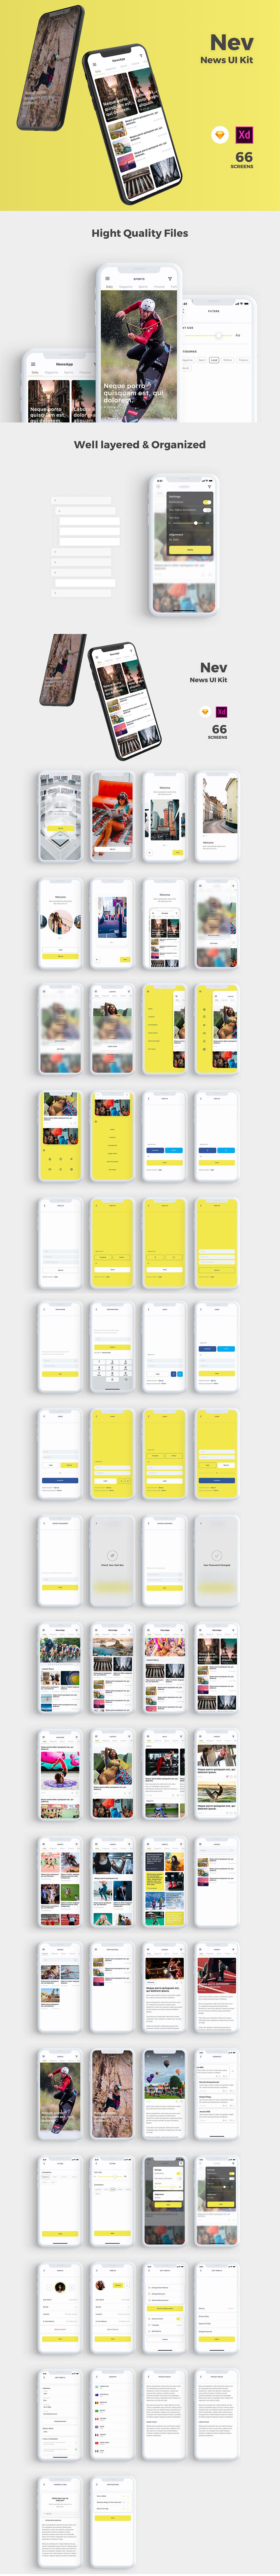 时尚新潮多功能新闻资讯客户端 APP UI KIT 套装模板下载[Sketch,XD,iOS Ui,app界面设计,app设计,ui设计]Nev - News App UI Kit